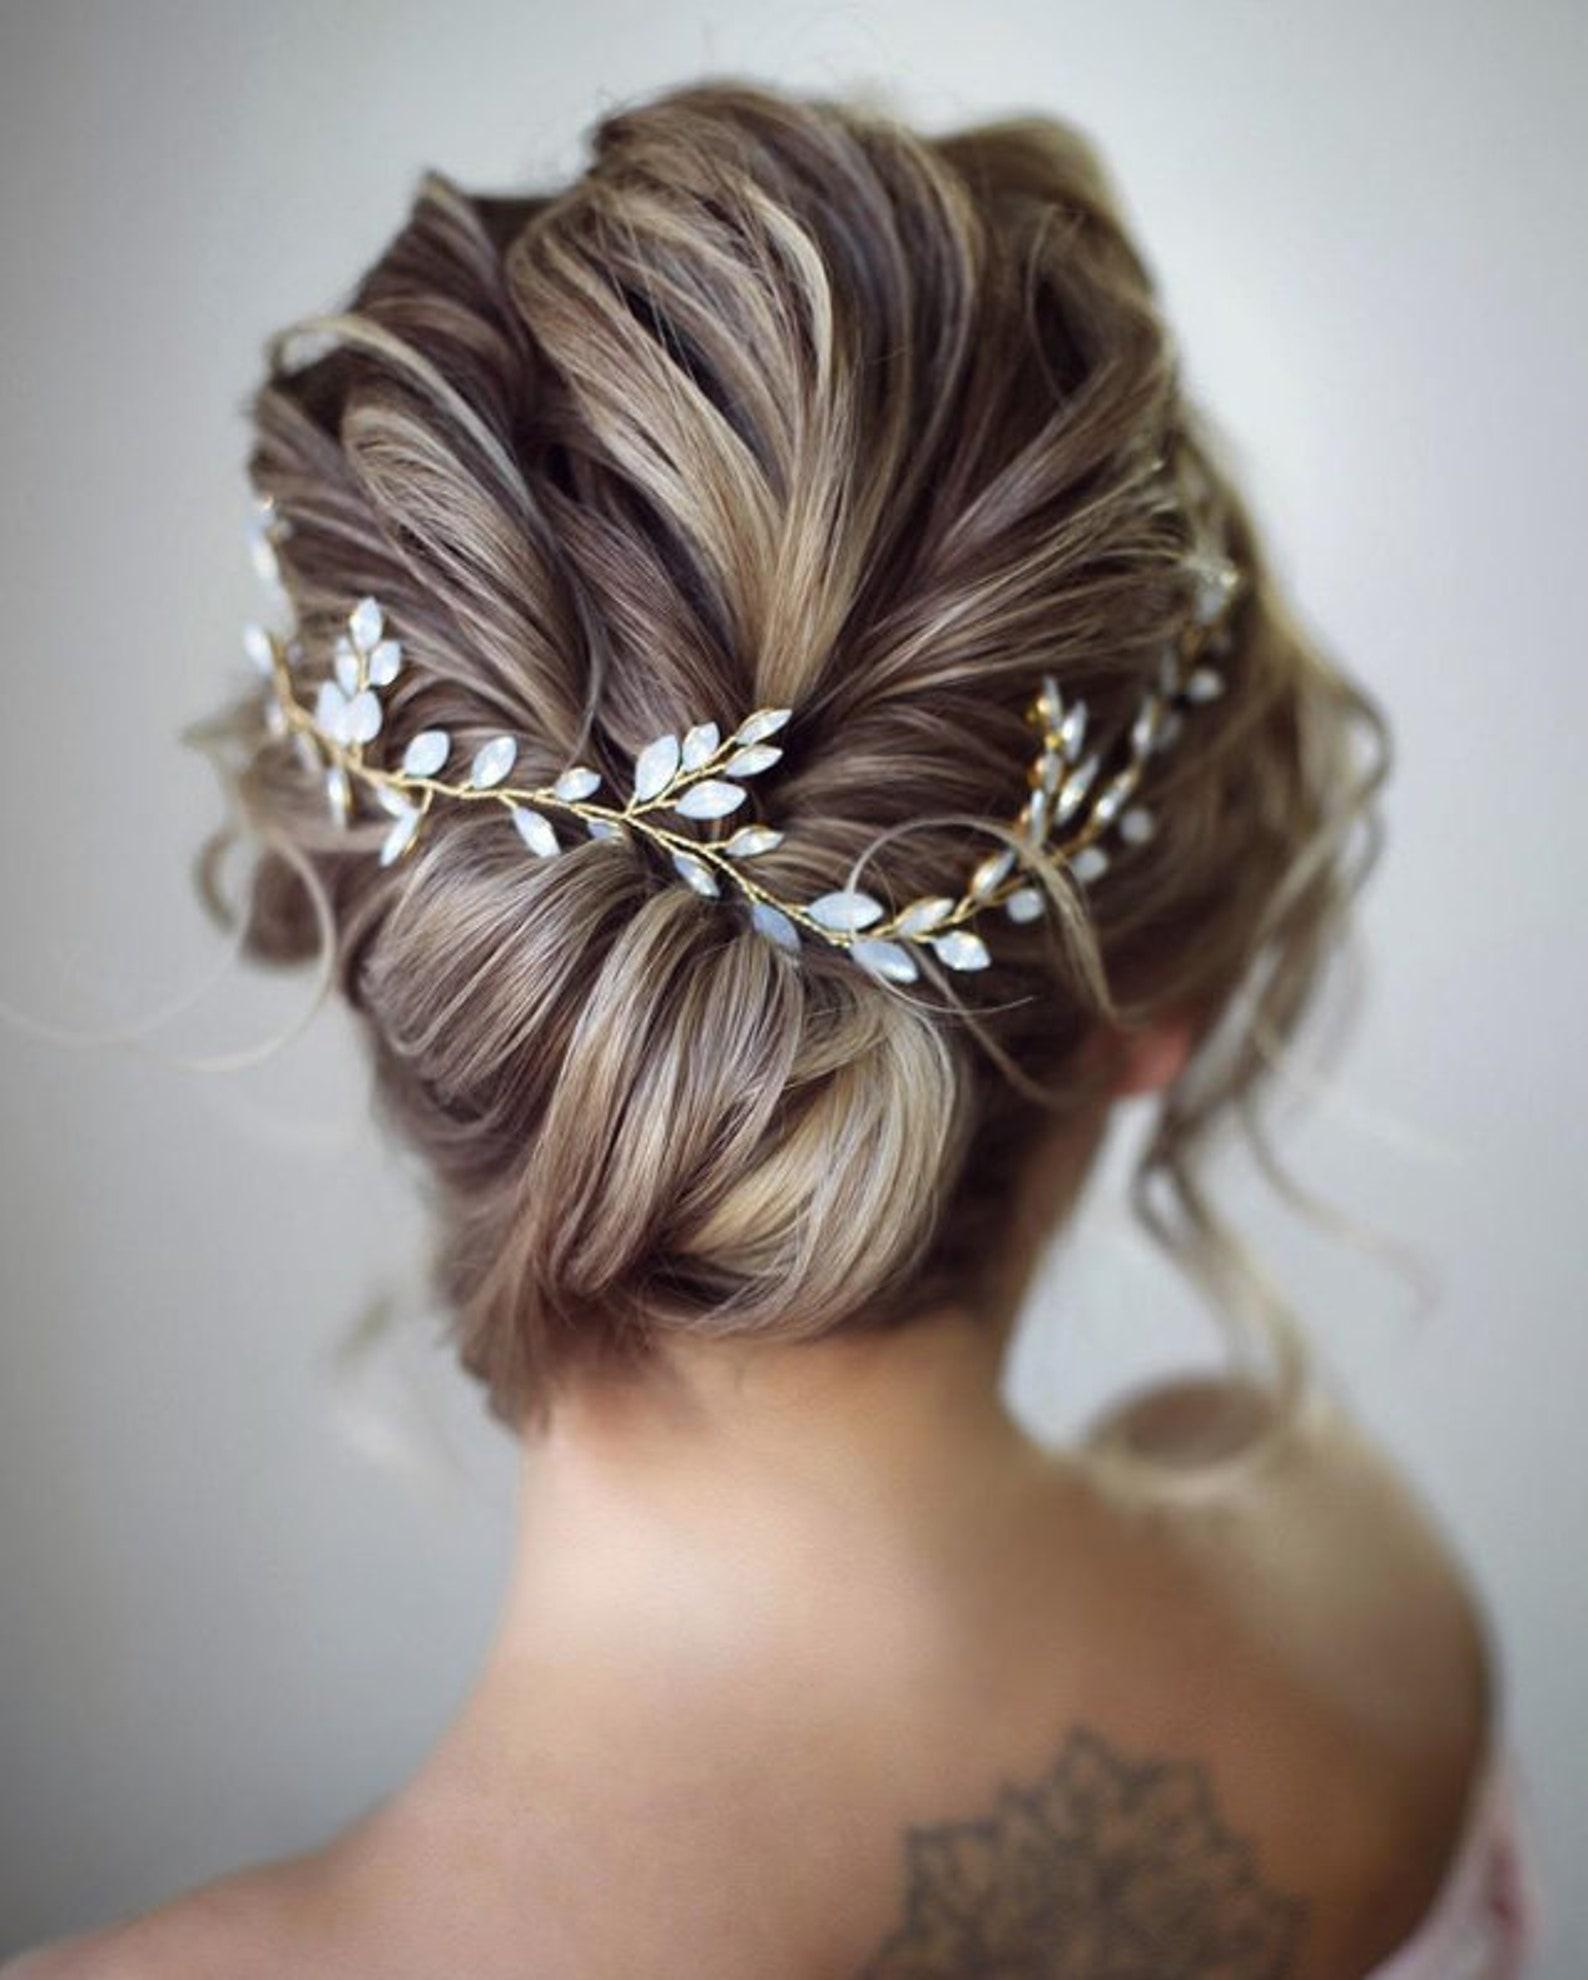 Wedding Hair Accessories Ideas for Boho Chic Brides, Gold and Blue Opal Bridal Hair Vine